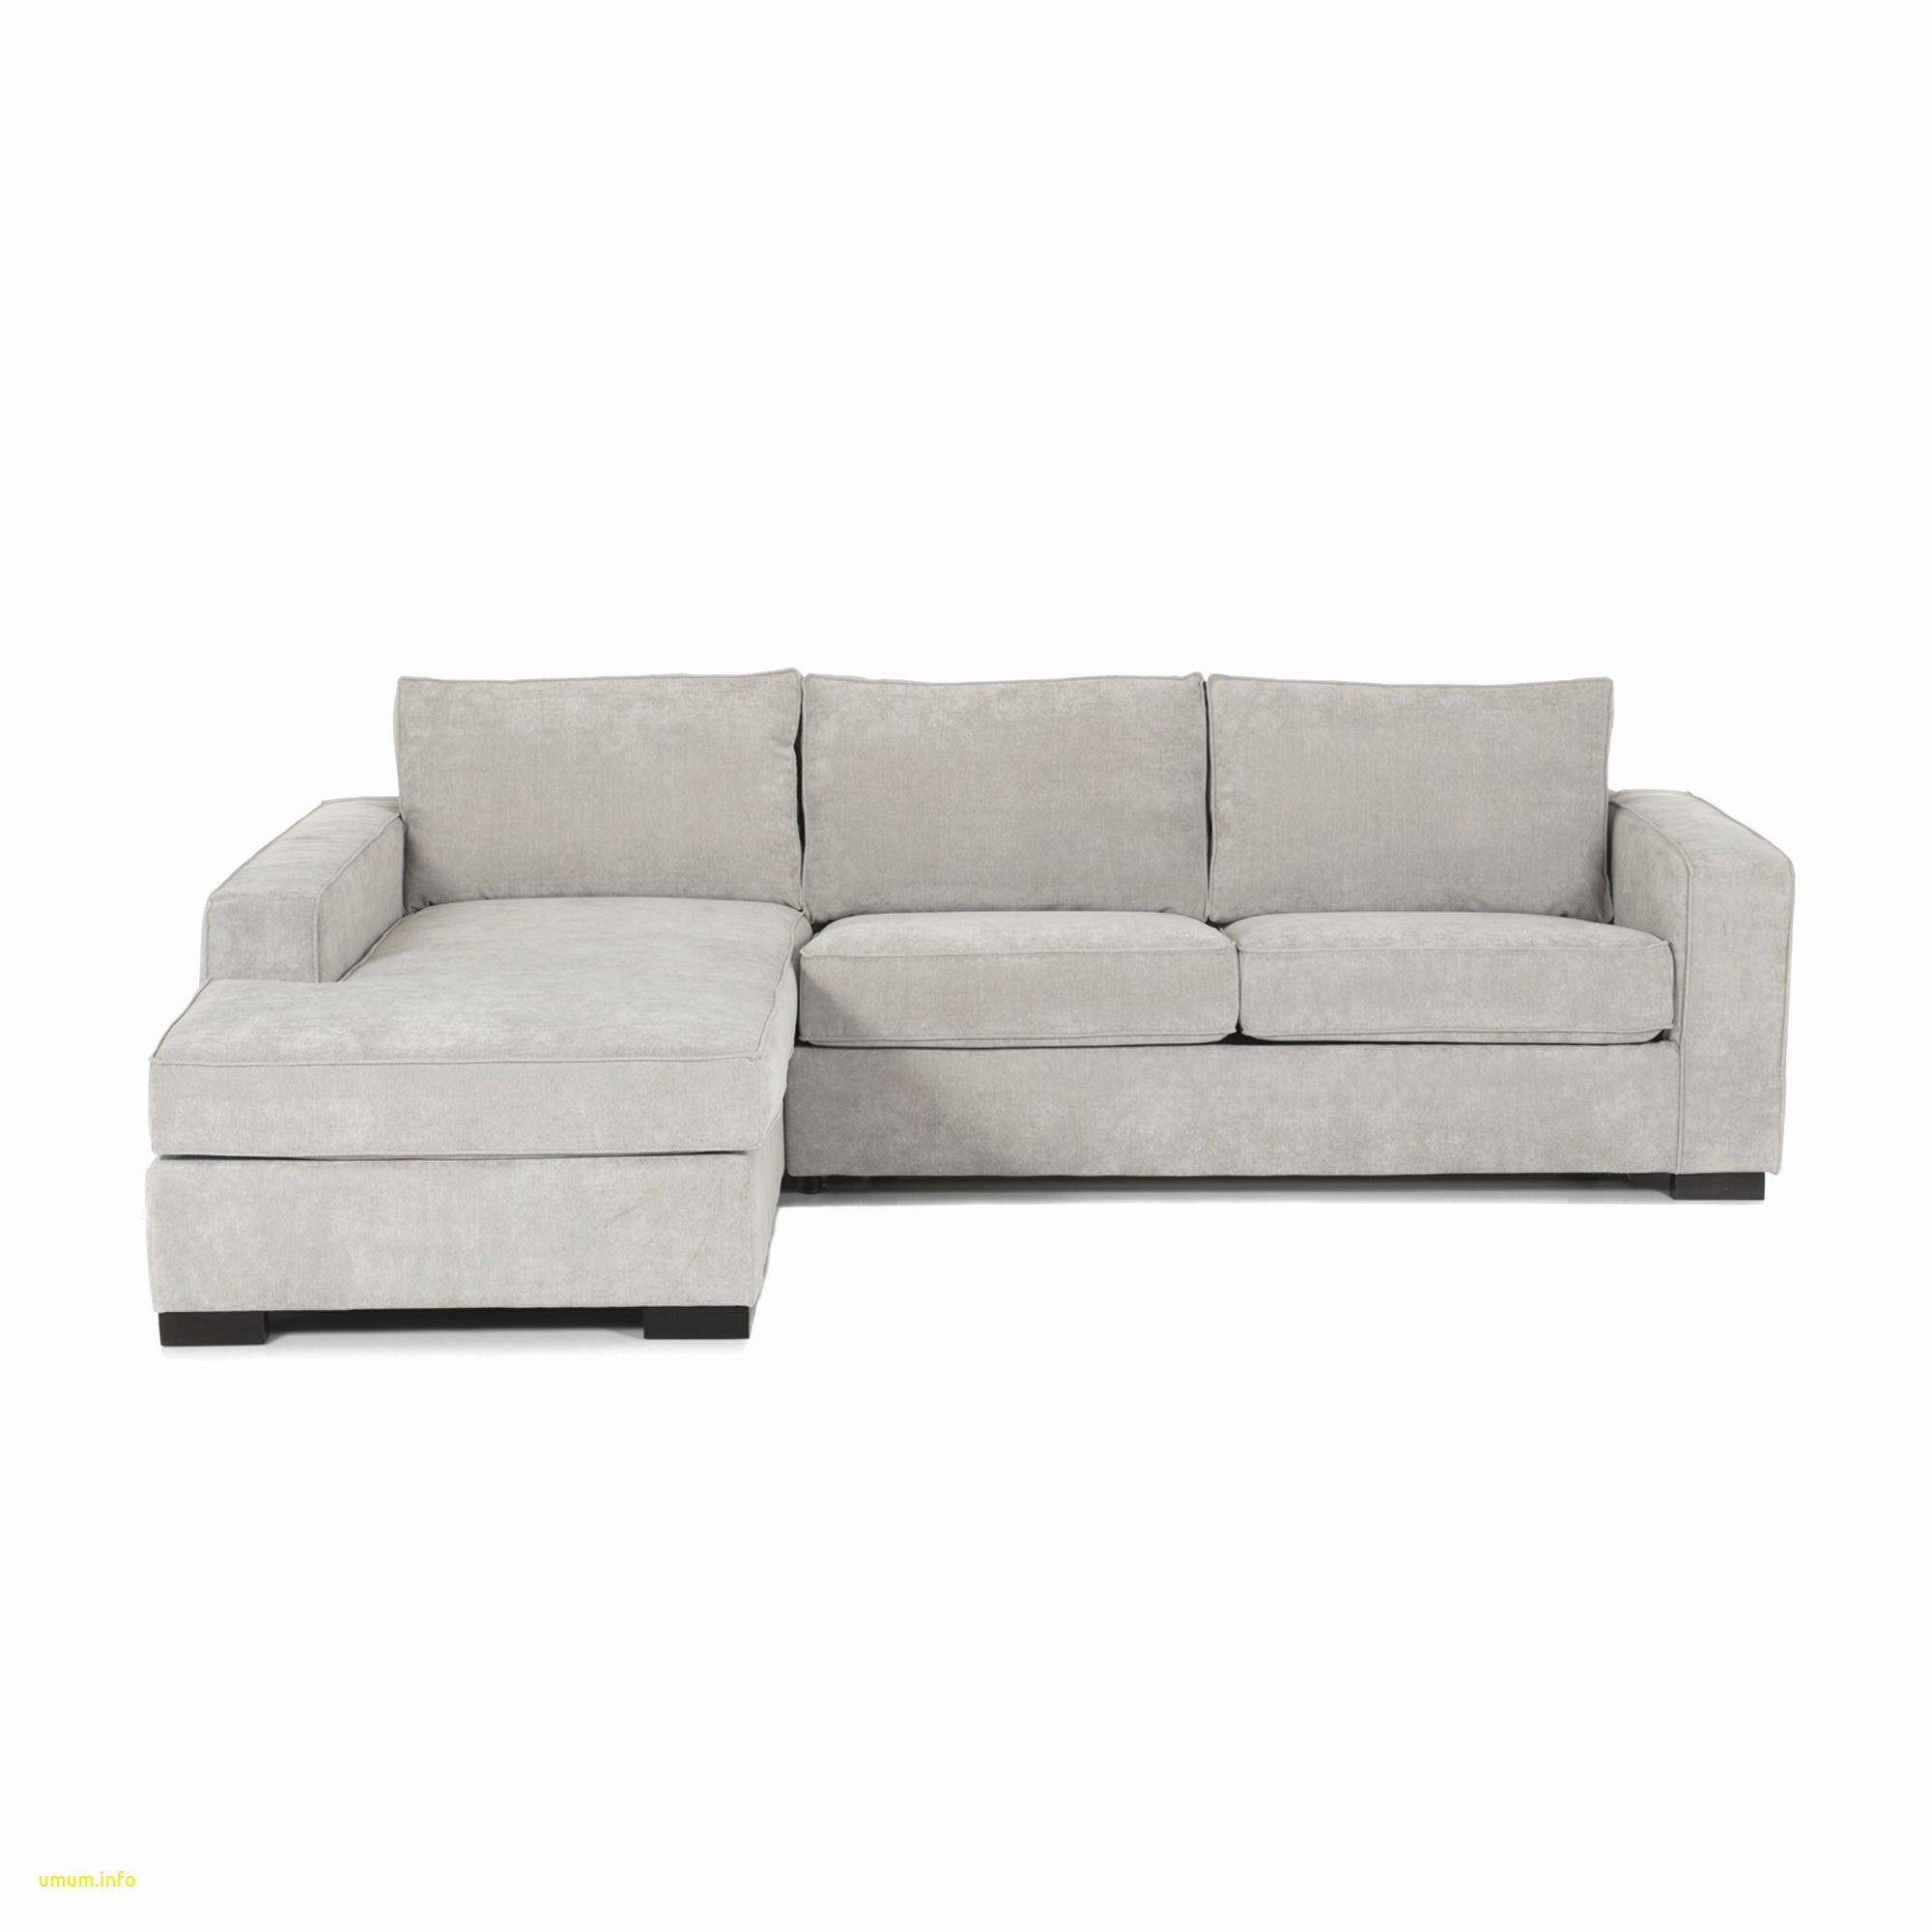 Lit Superposé Avec Canapé Unique Entra Nant Lit Superposé Avec Canapé Sur Lit Biné Armoire Fresh Lit